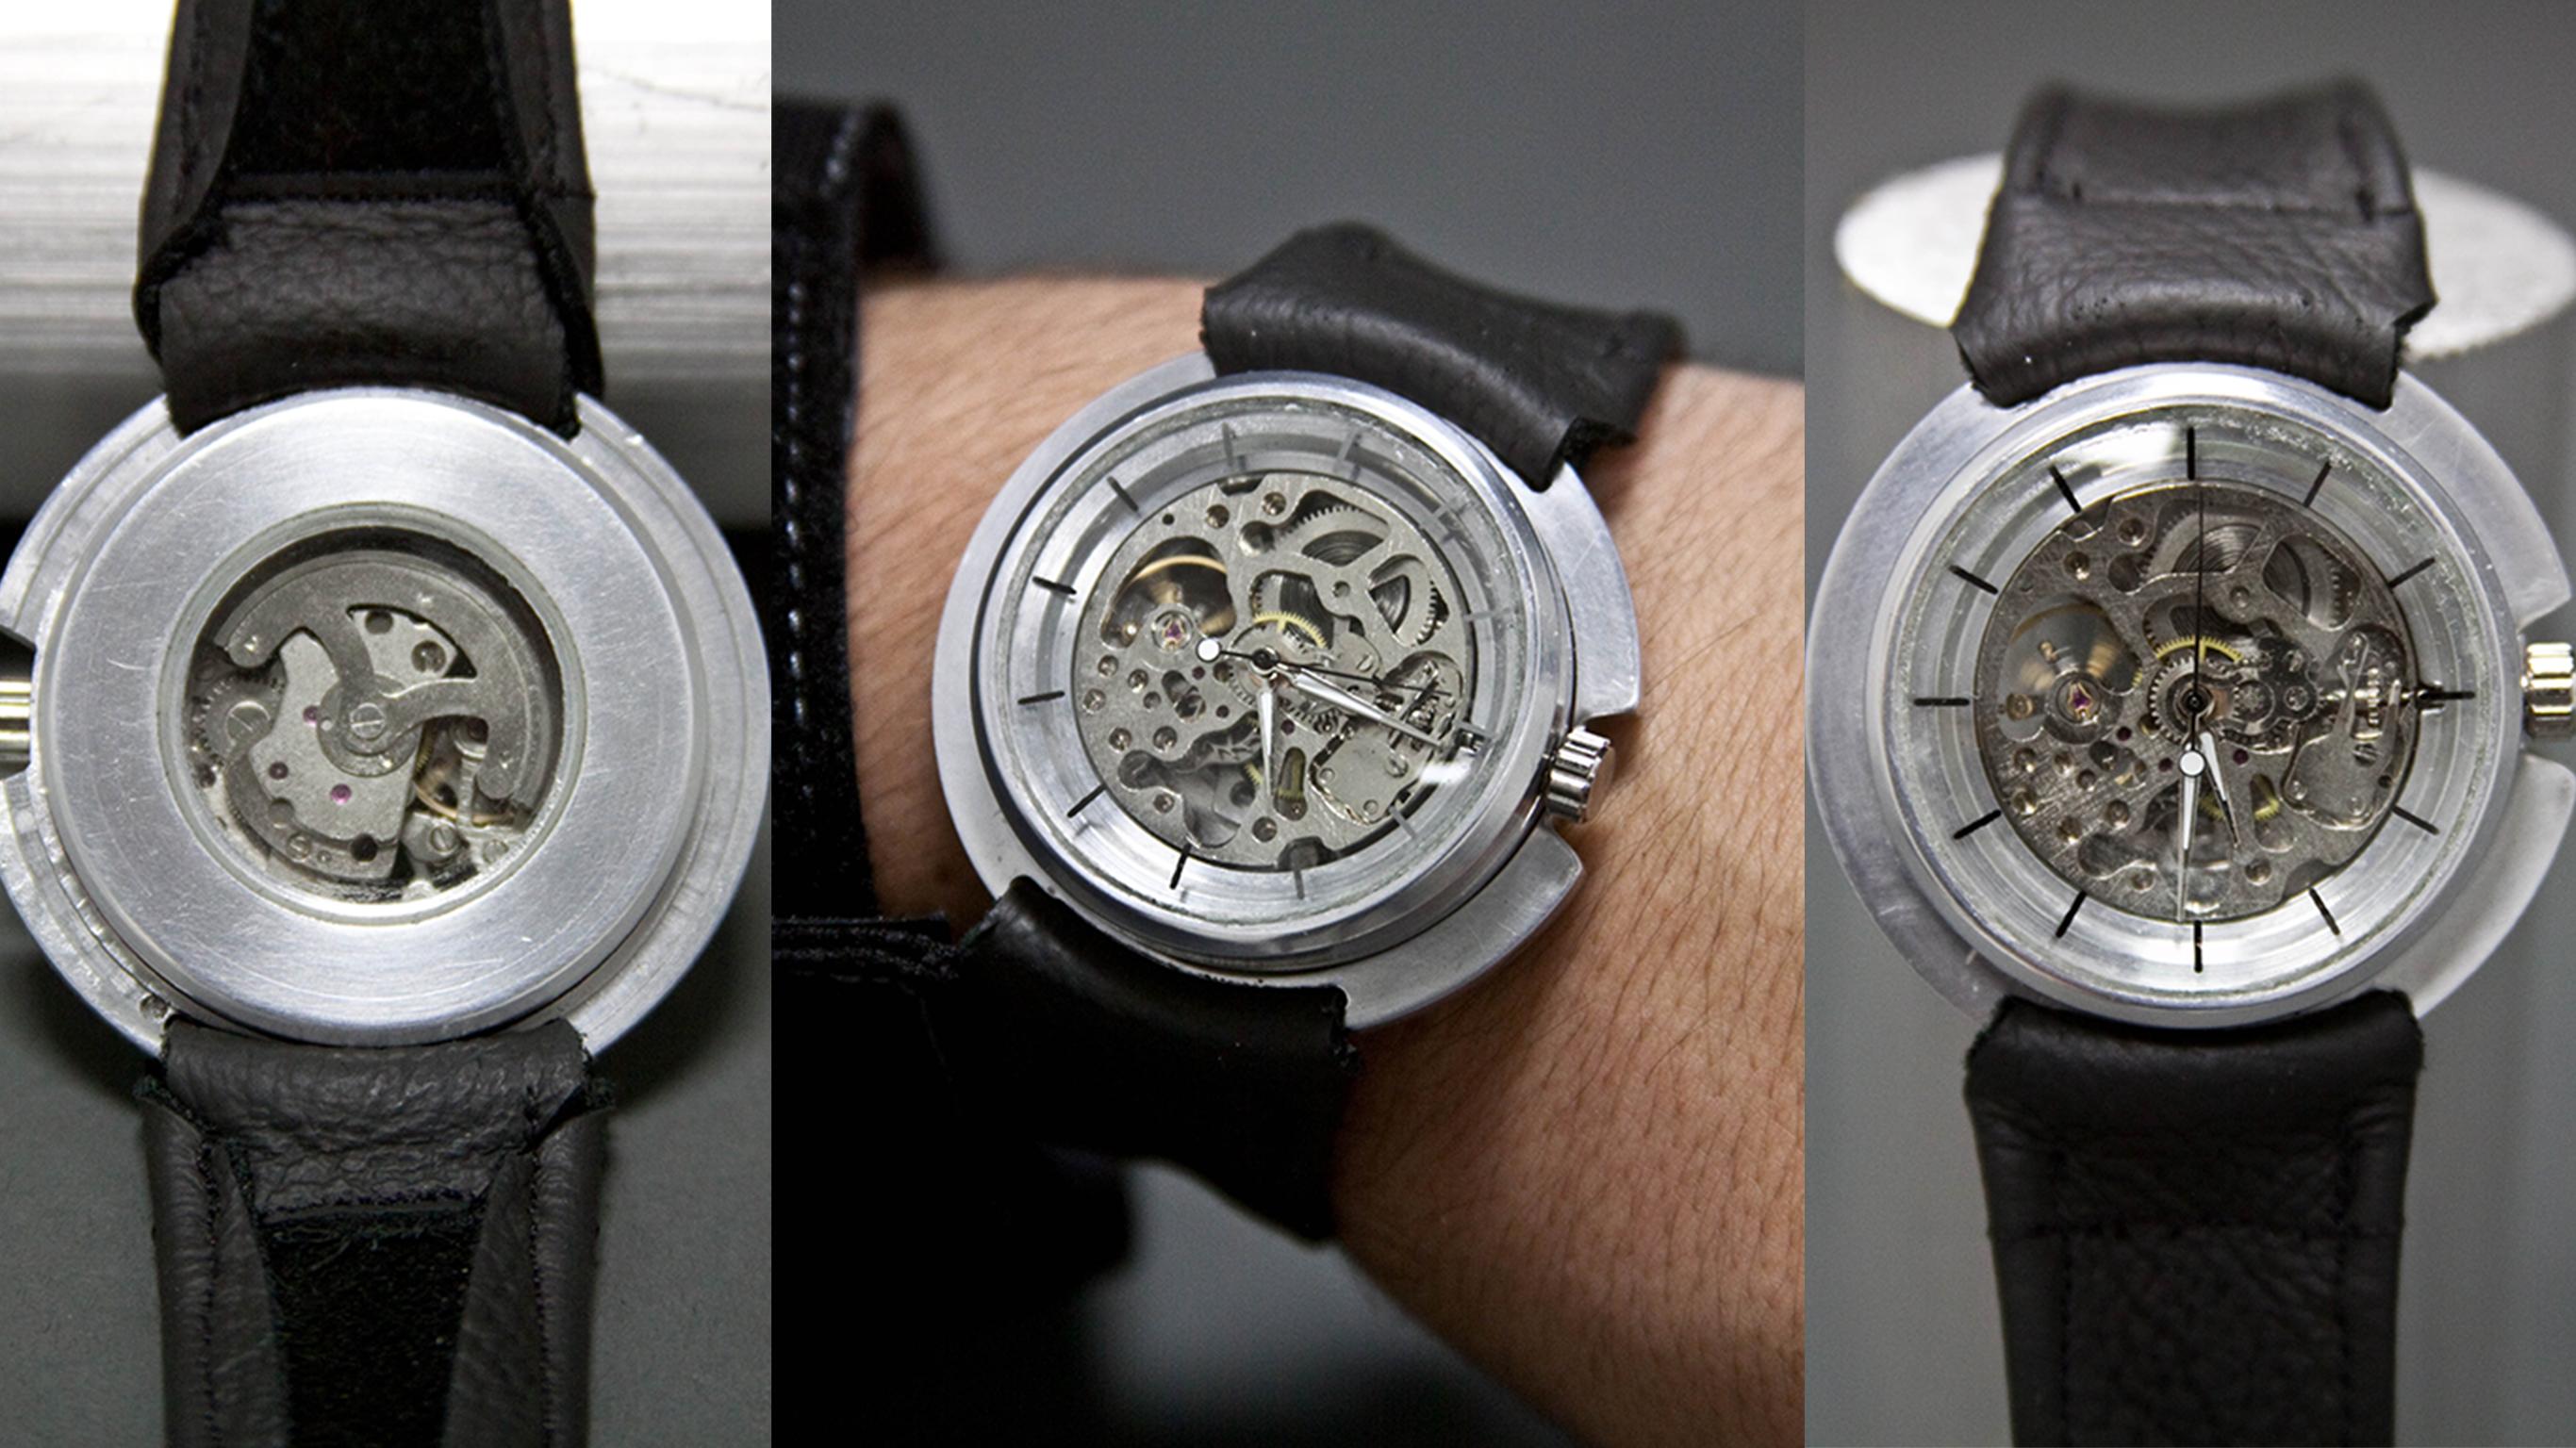 Metal Watch Prototype